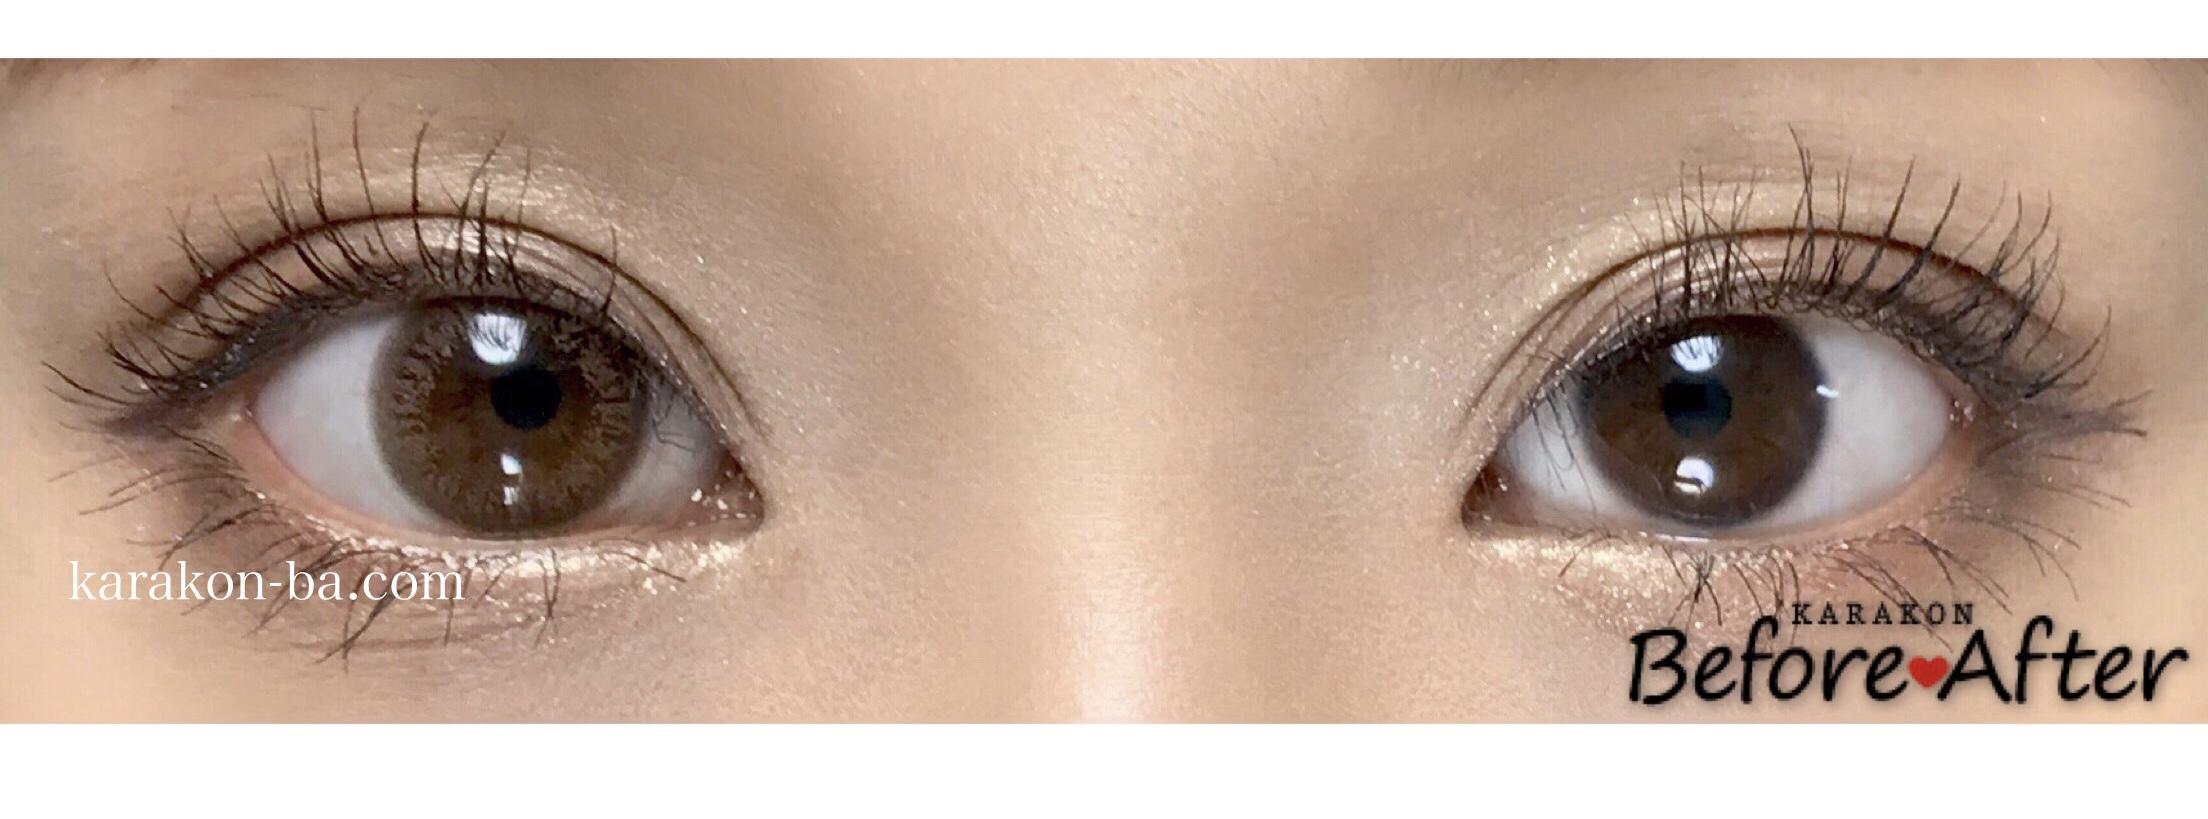 アンバーブライト装着画像/両目で比較